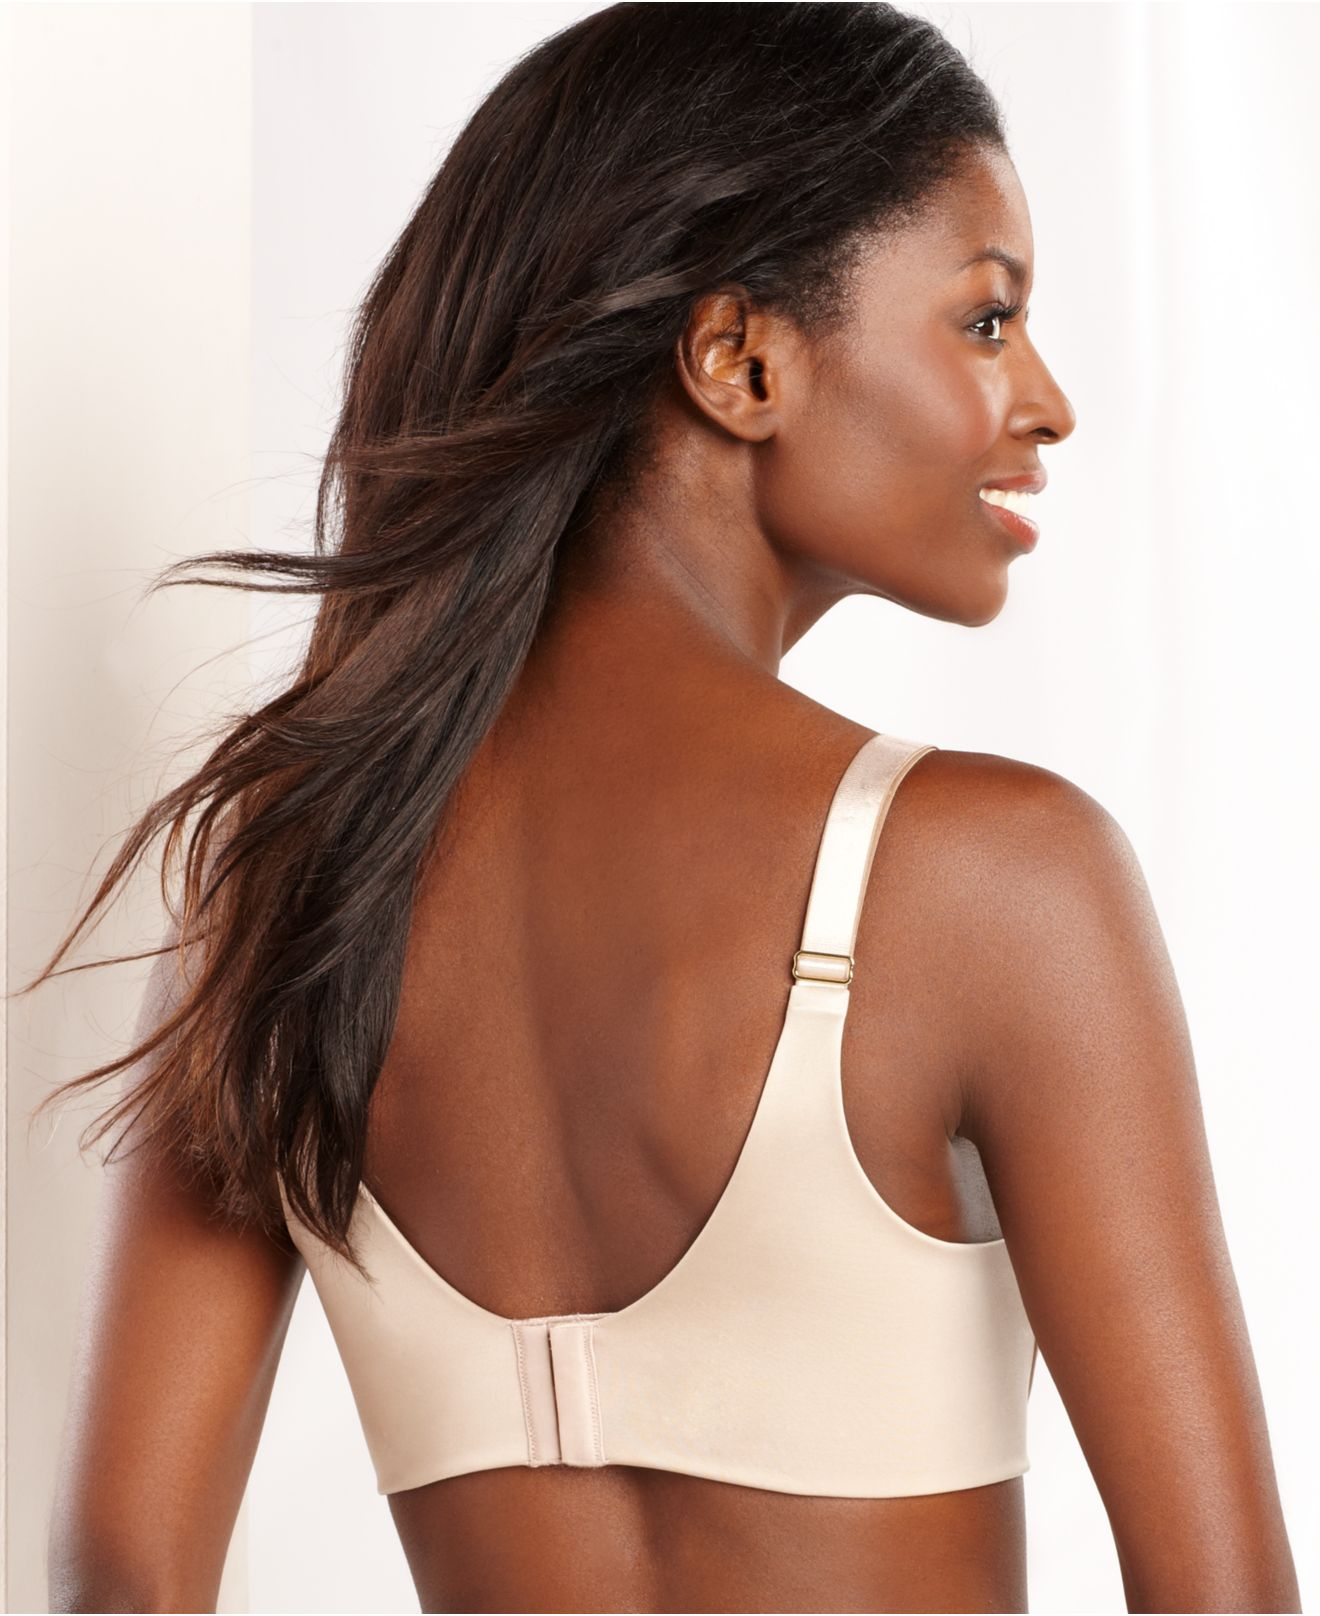 Lyst - Vanity Fair Beauty Back Full Figure Underwire Bra 76145 in Brown 284506cd1